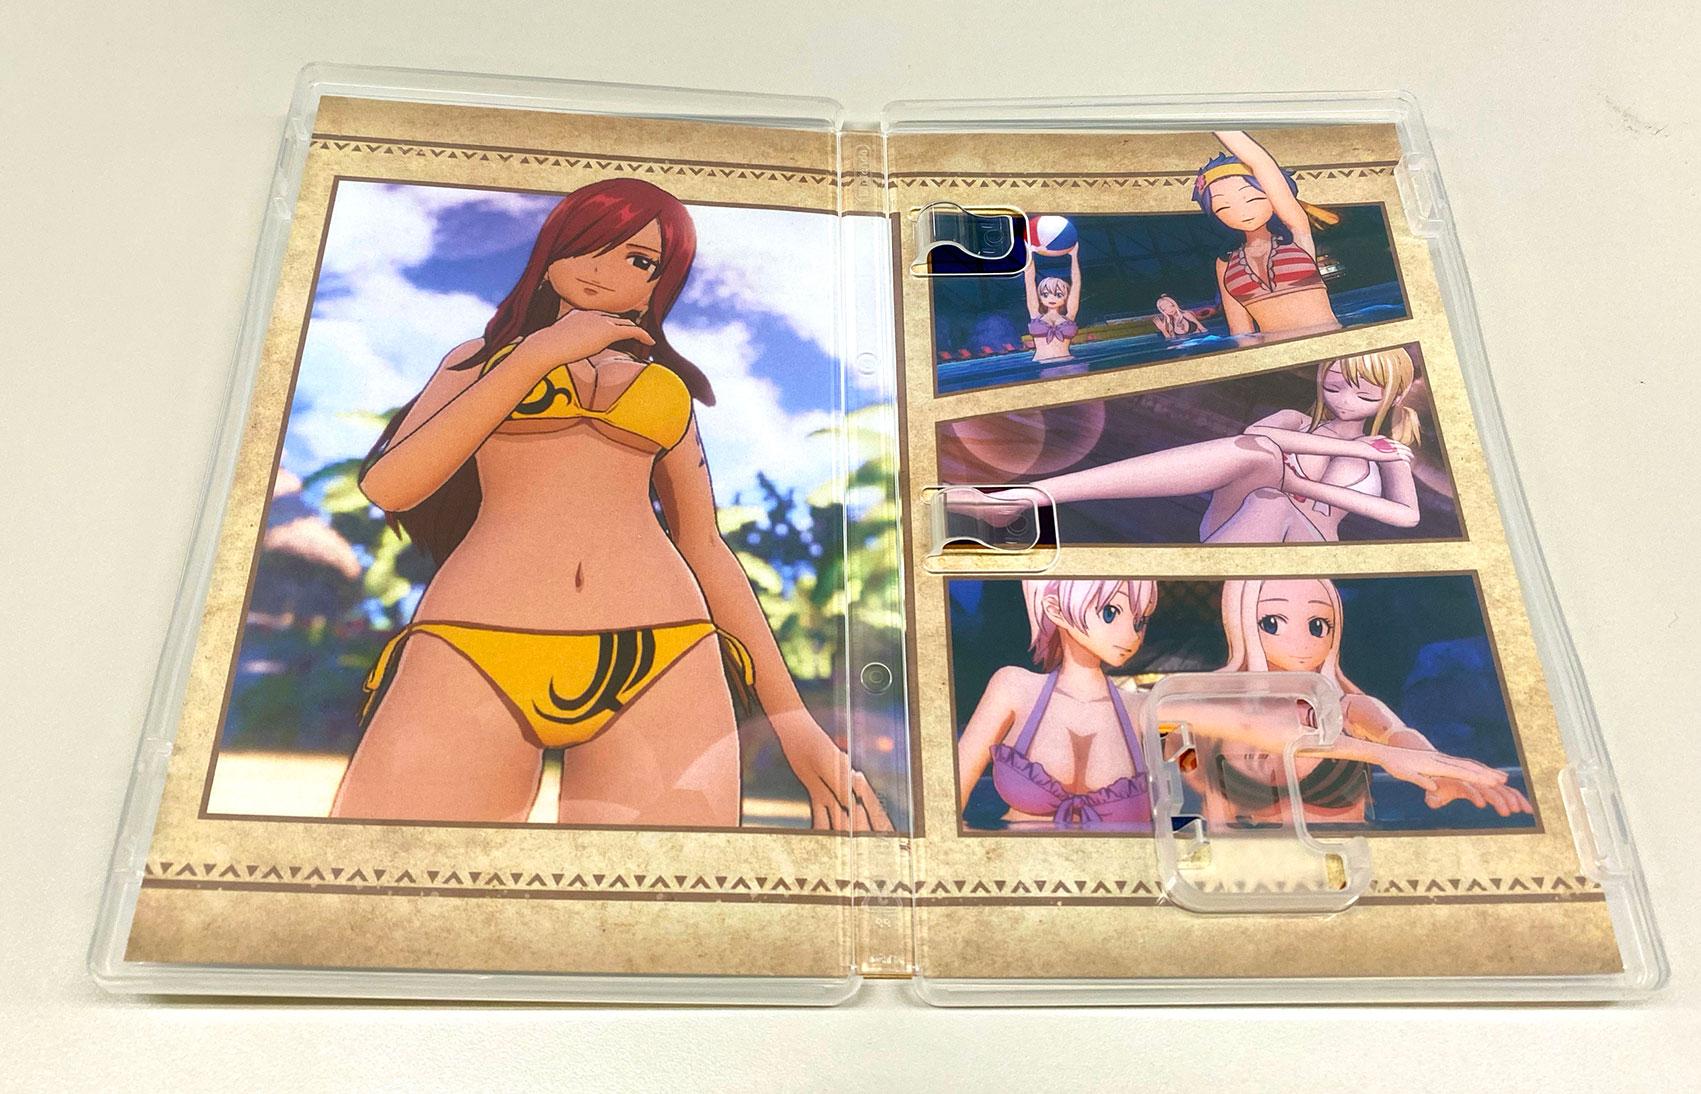 Люси, Эрза и другие героини в купальниках попали на официальную внутреннюю обложку игры 'Fairy Tail'